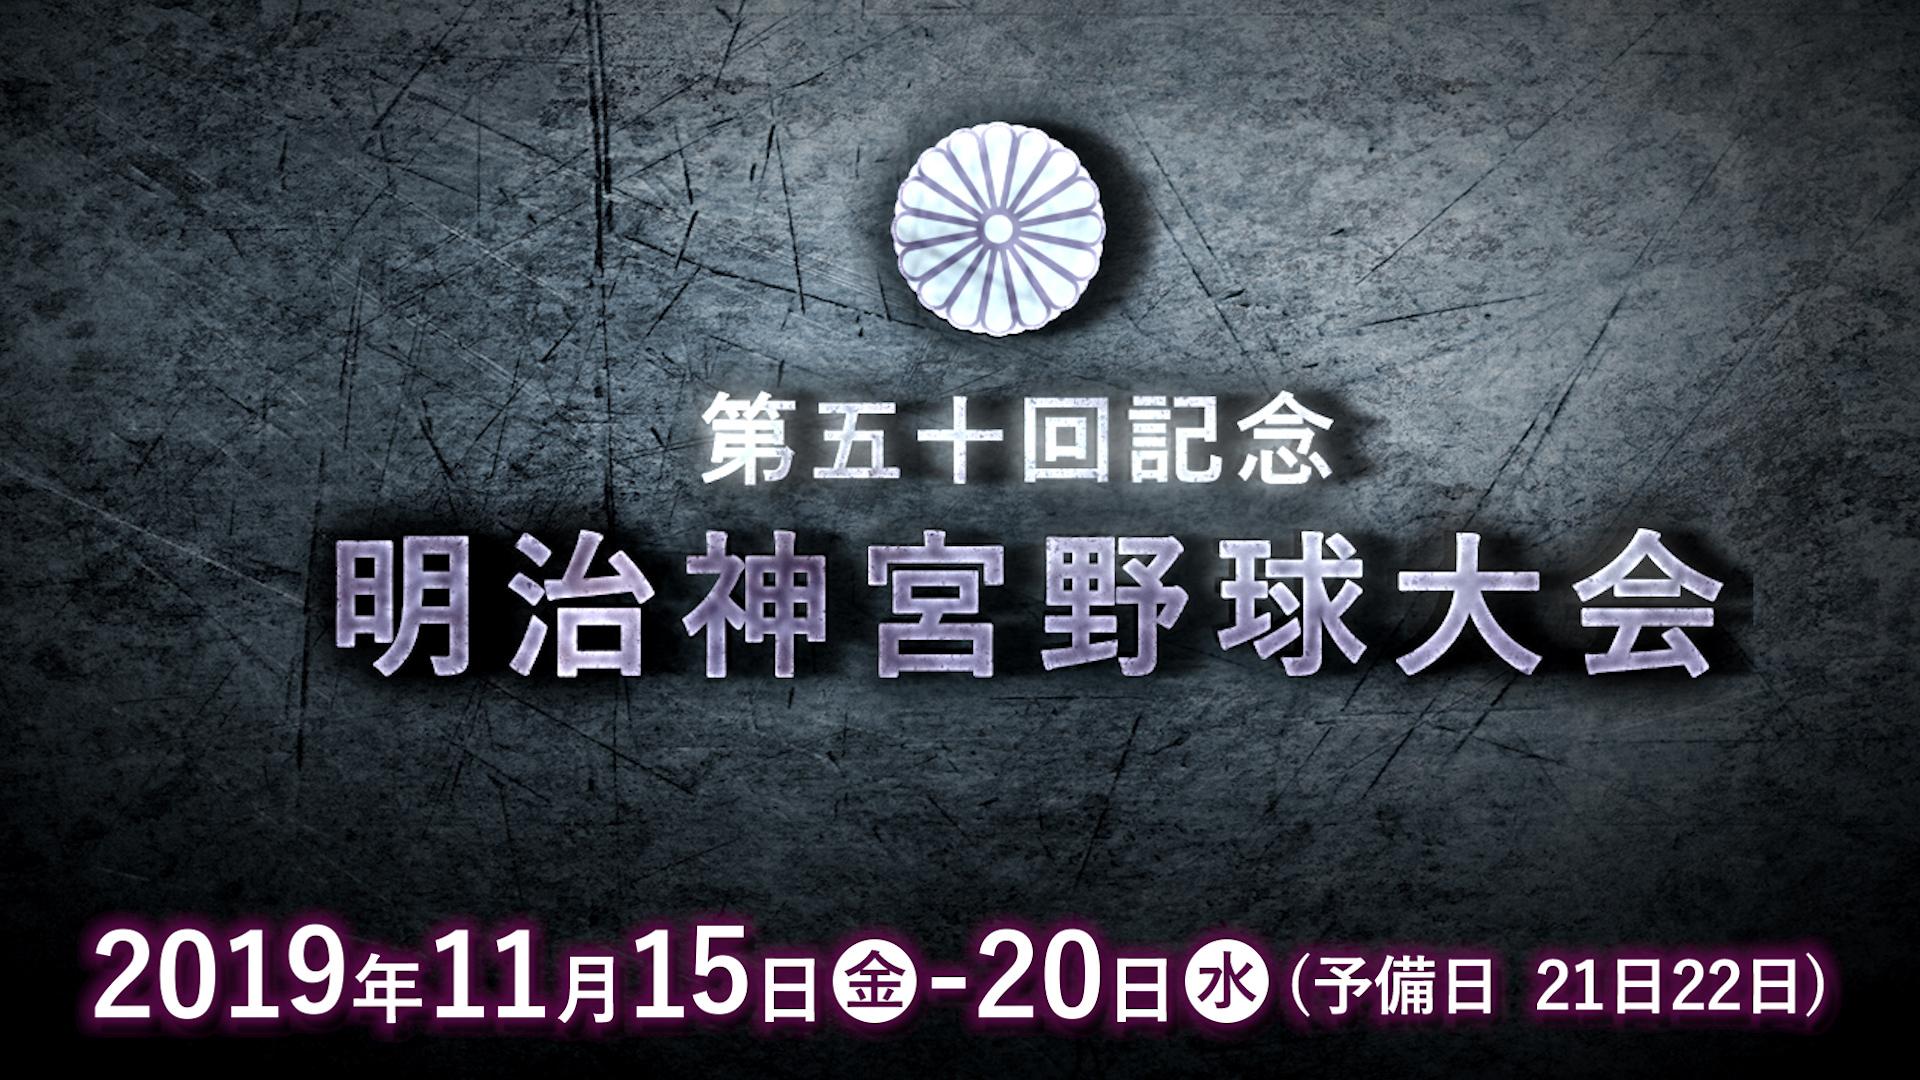 高校の部では星稜や天理、大学の部では慶應義塾や中央が出場する『第五十回記念 明治神宮野球大会』